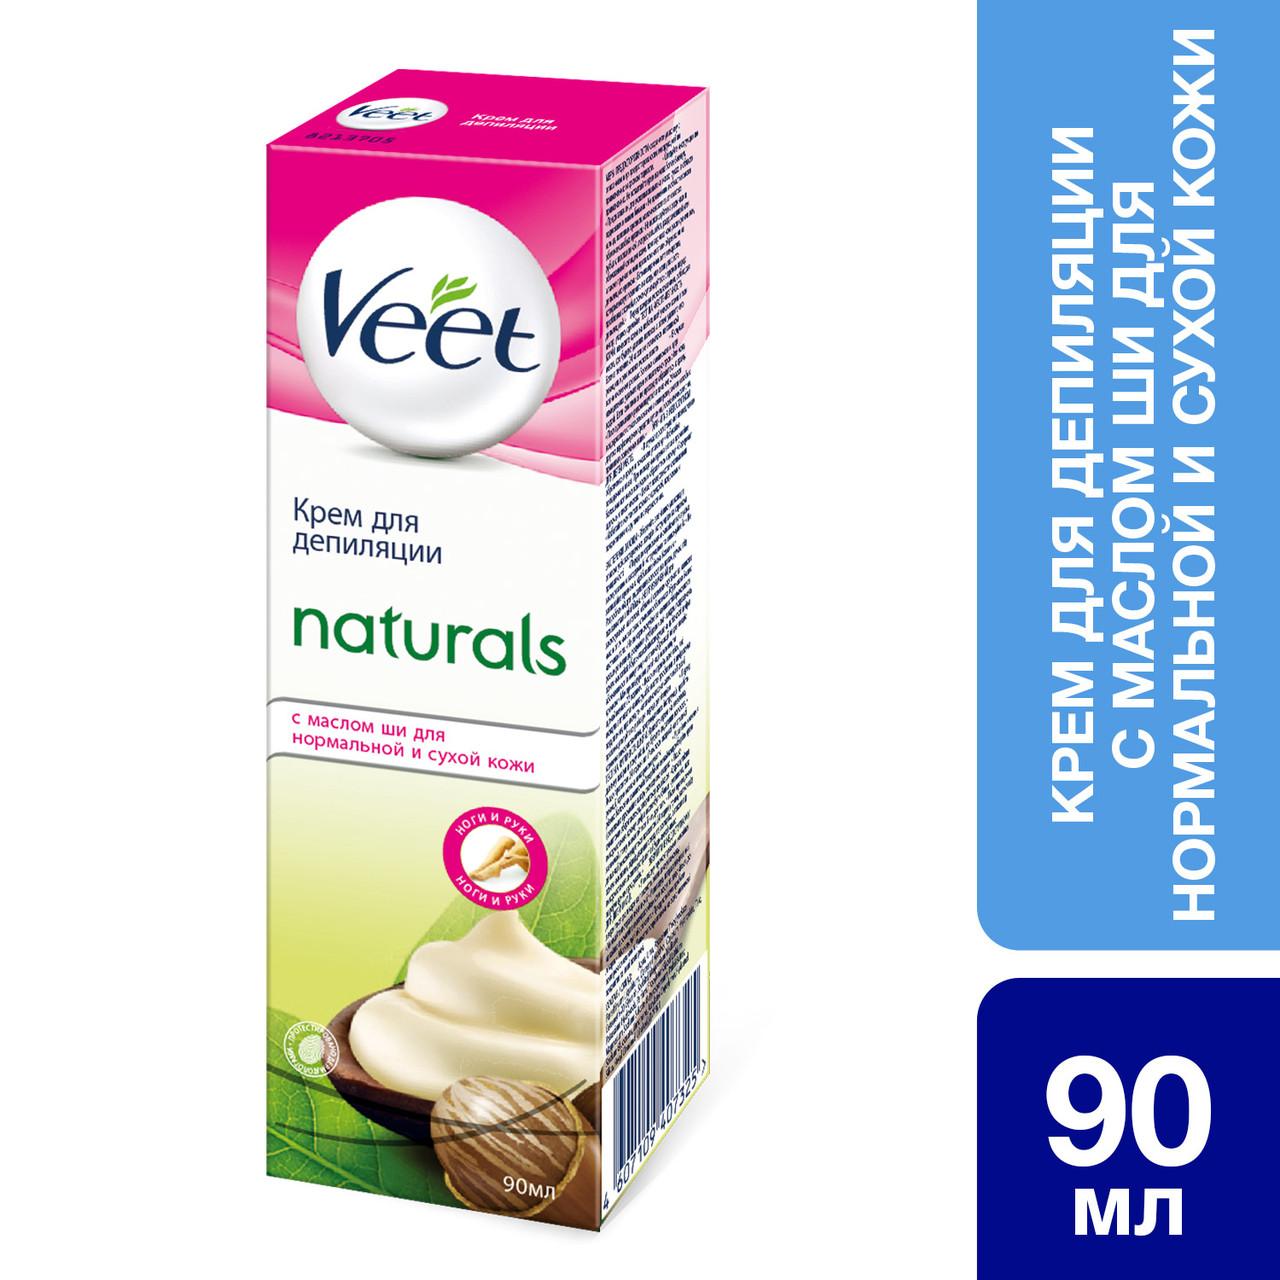 Крем для депіляції Veet Naturals з маслом Ши (для нормальної і сухої шкіри)90 мл